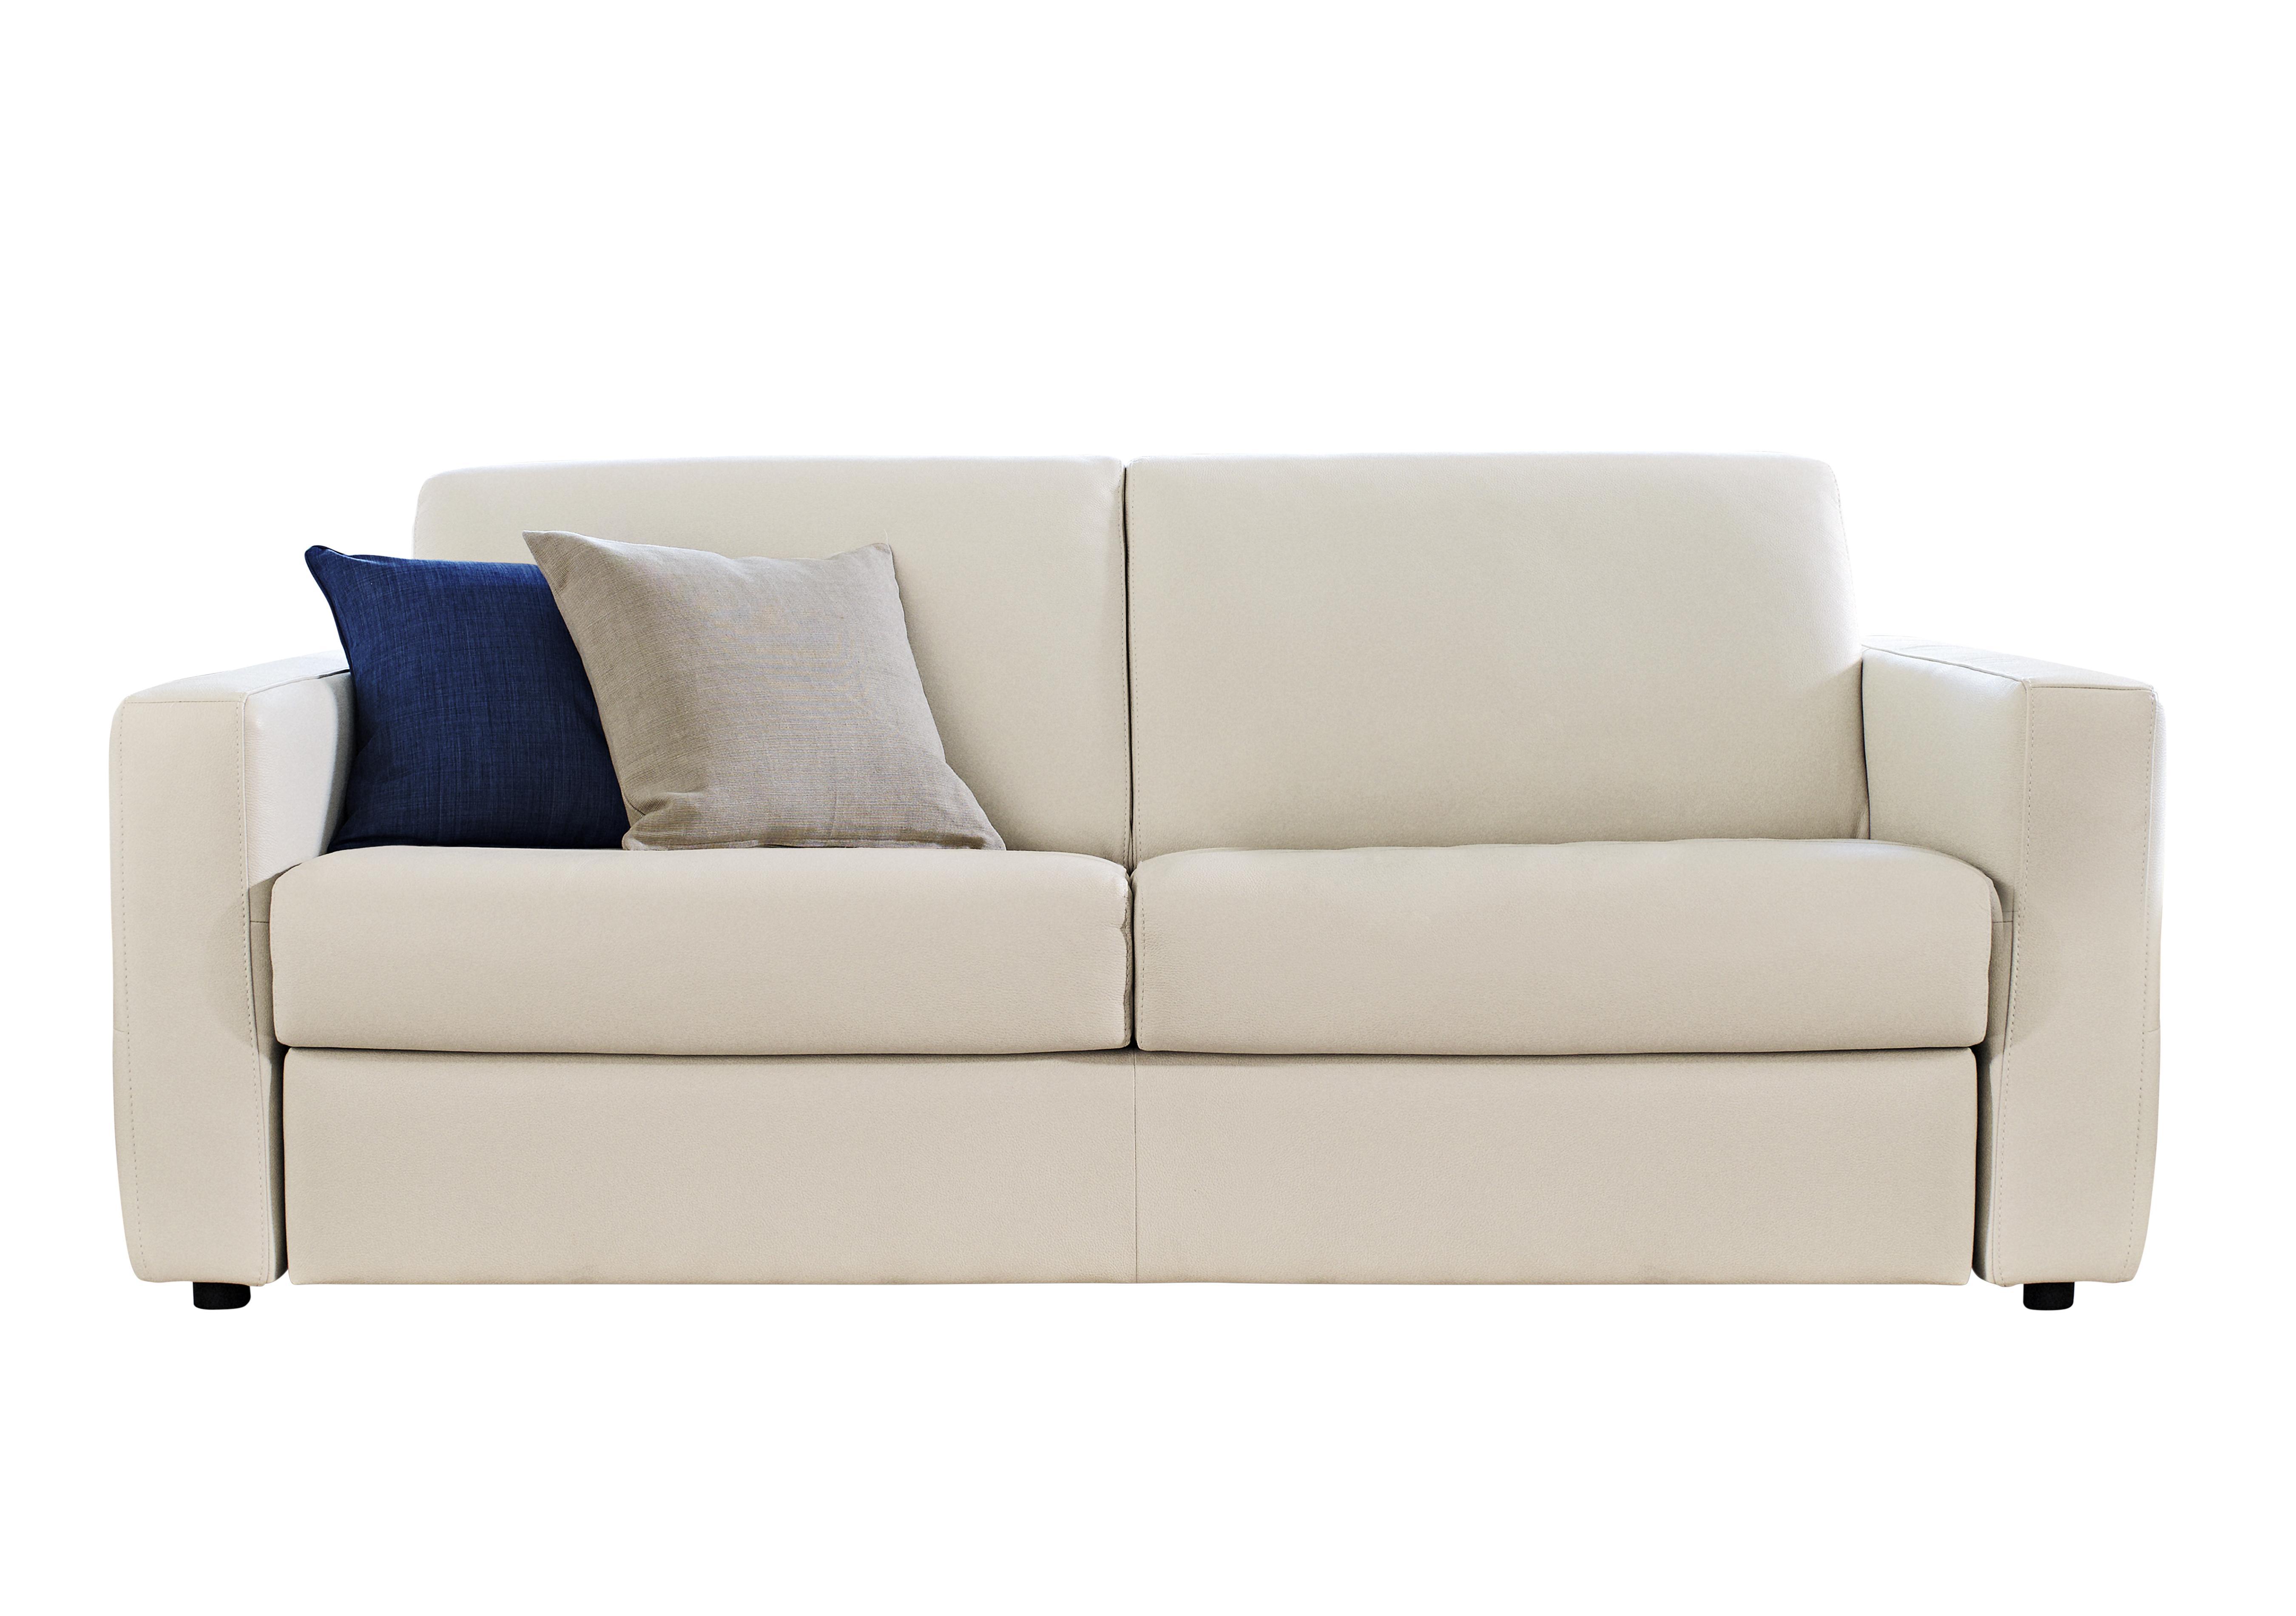 Natuzzi leather sofa